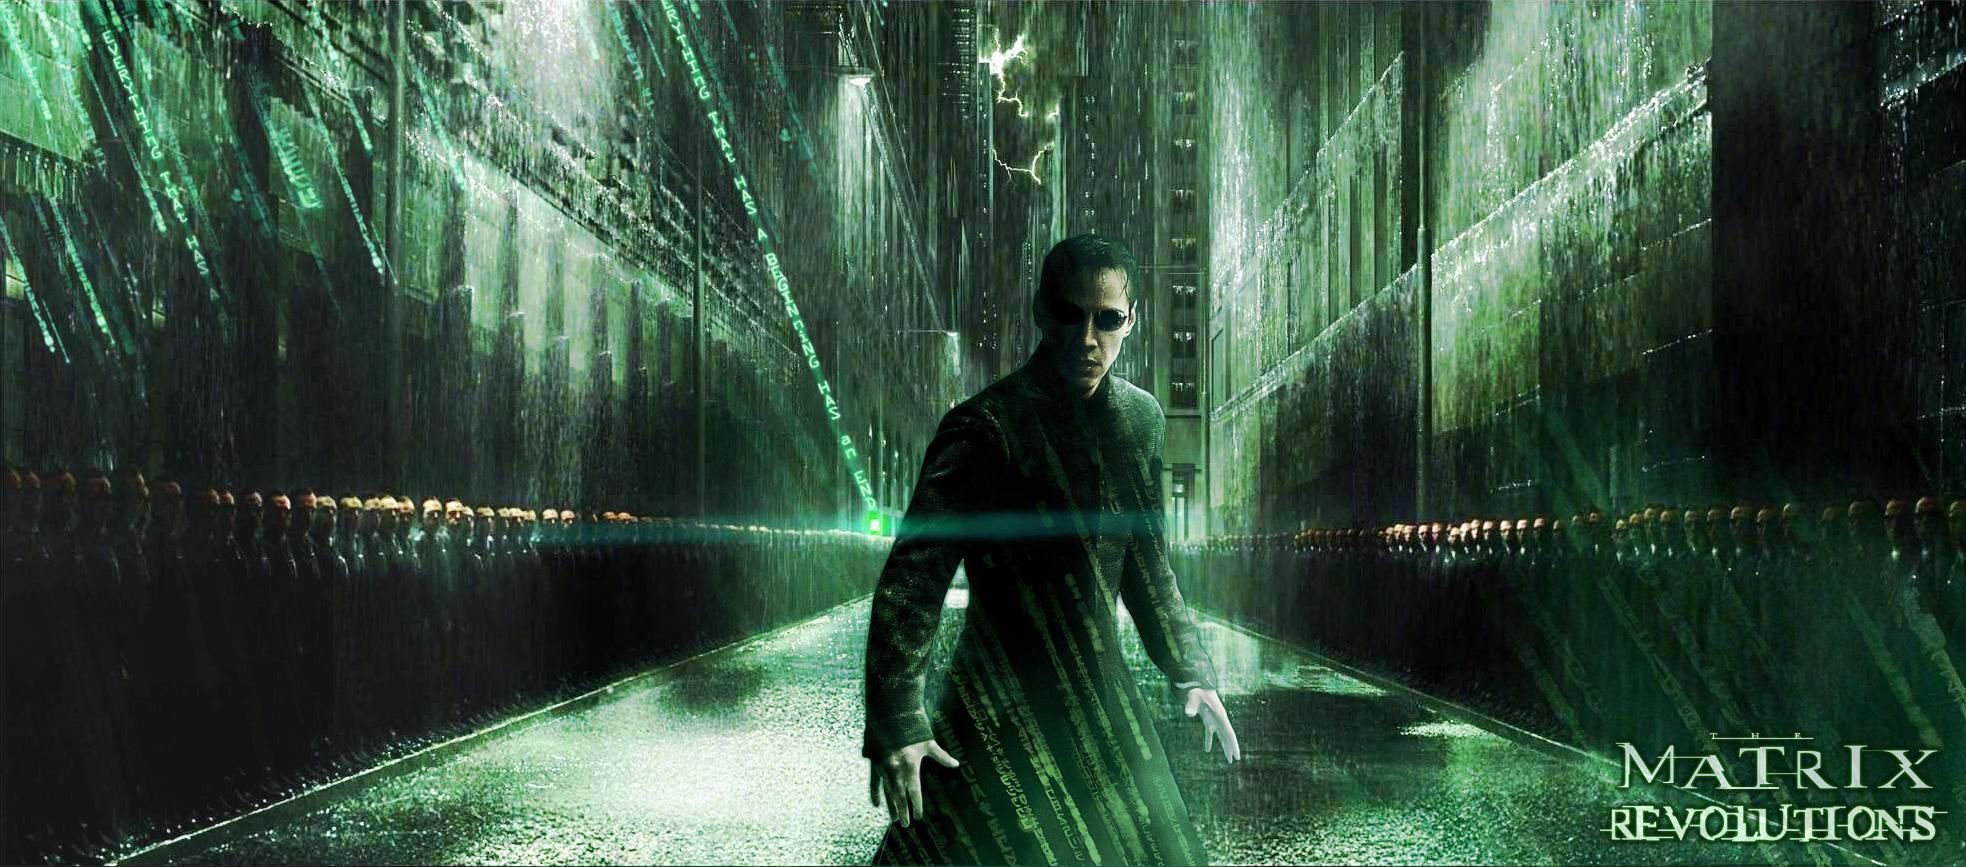 Matrix 3d Cube 3 Fondo De Pantalla Animado Hd Para: The Matrix Revolutions Wallpapers